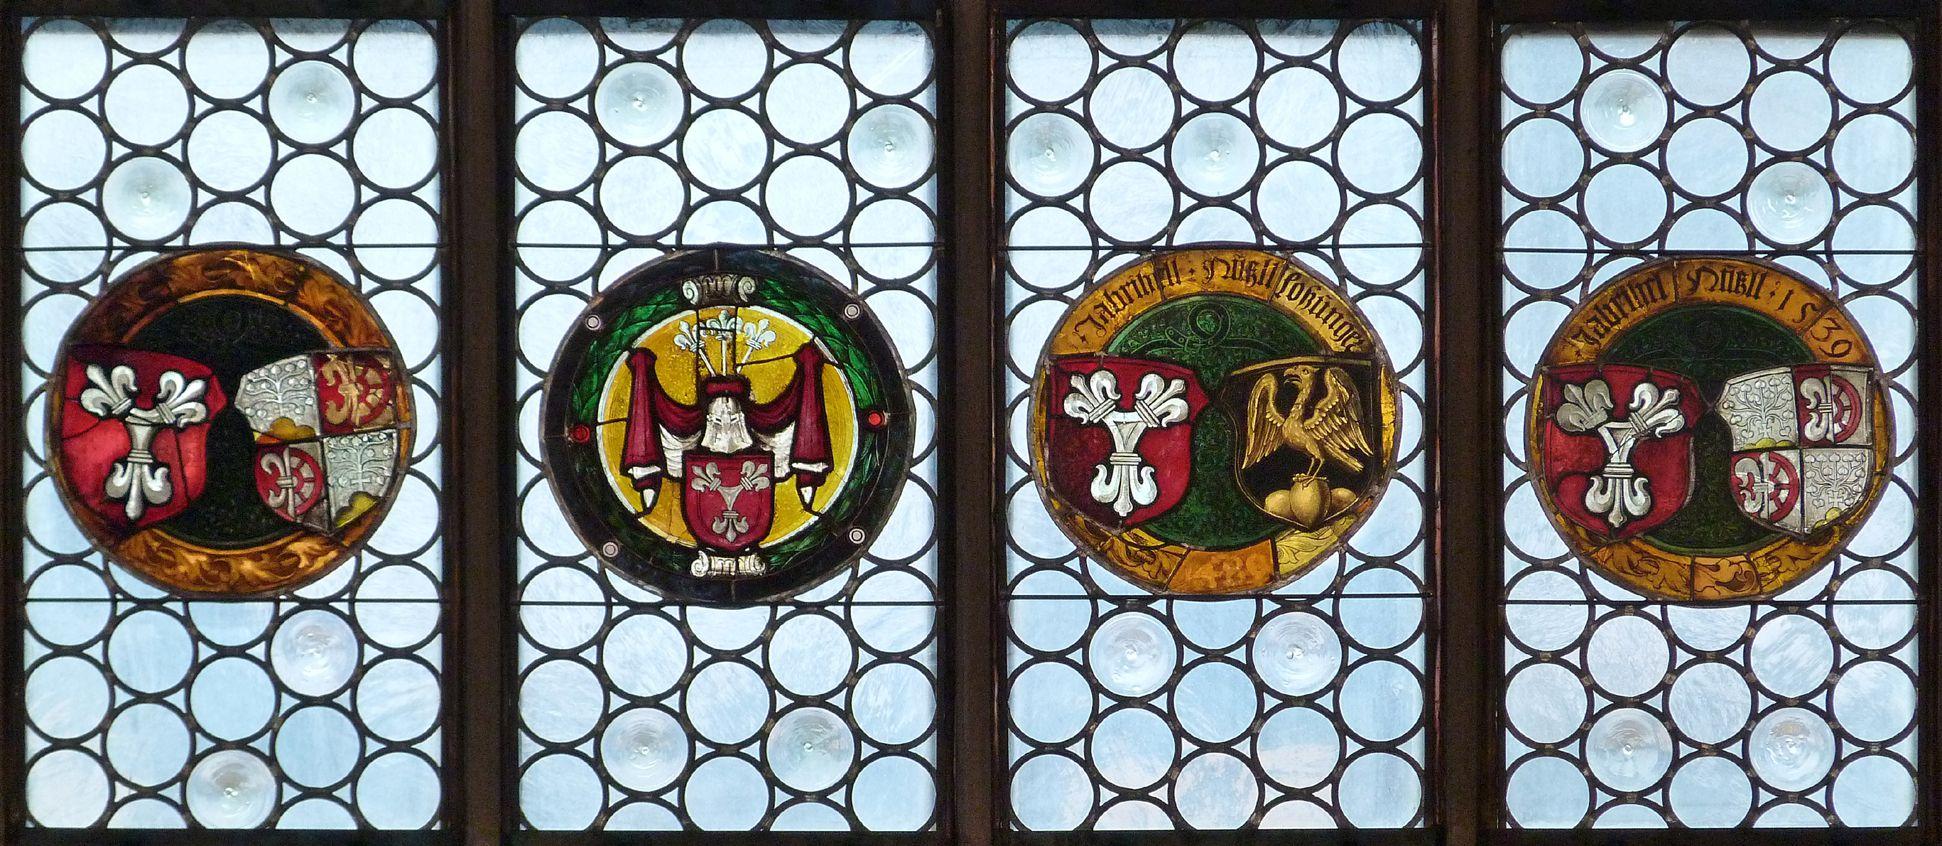 Hirschvogelfenster Fenster-Couronemment, untere Wappenreihe